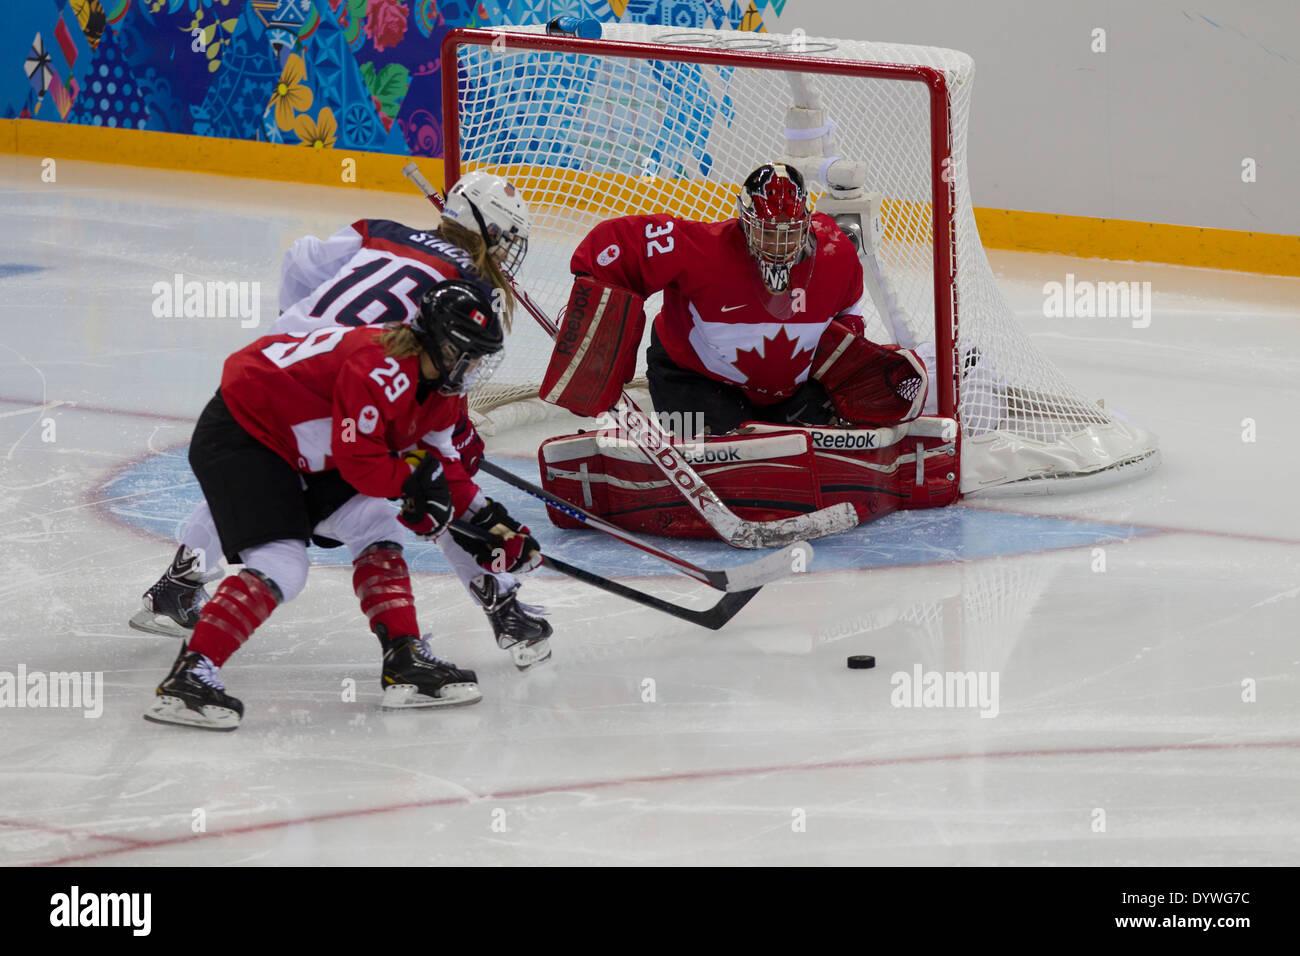 Charline Labonte goalie canadese, USA-Canada femminile di Hockey su ghiaccio presso i Giochi Olimpici Invernali, Sochi 2014 Immagini Stock